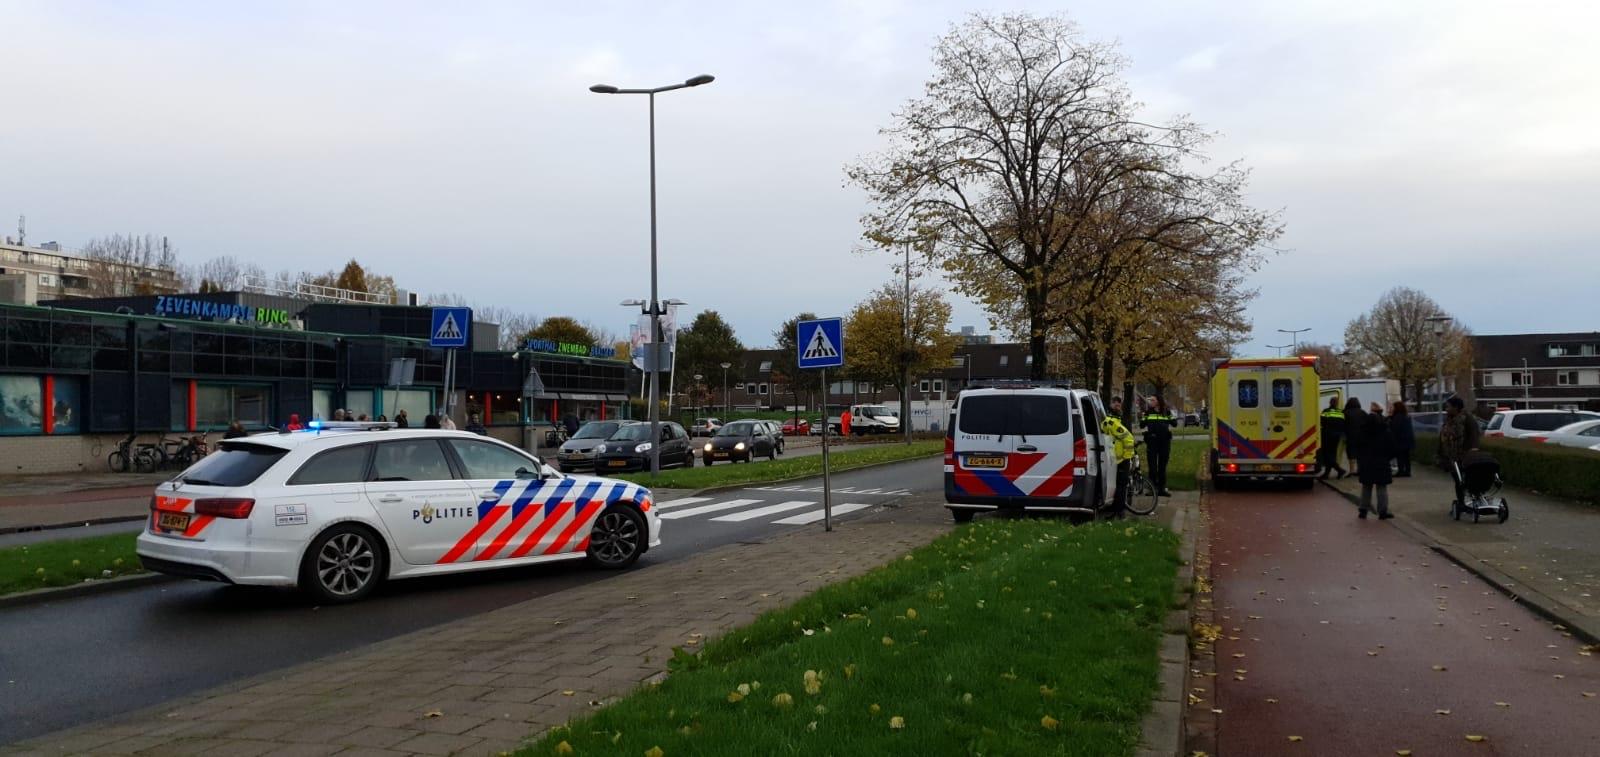 Zwaargewonde na aanrijding op oversteekplaats Zevenkampse Ring Rotterdam